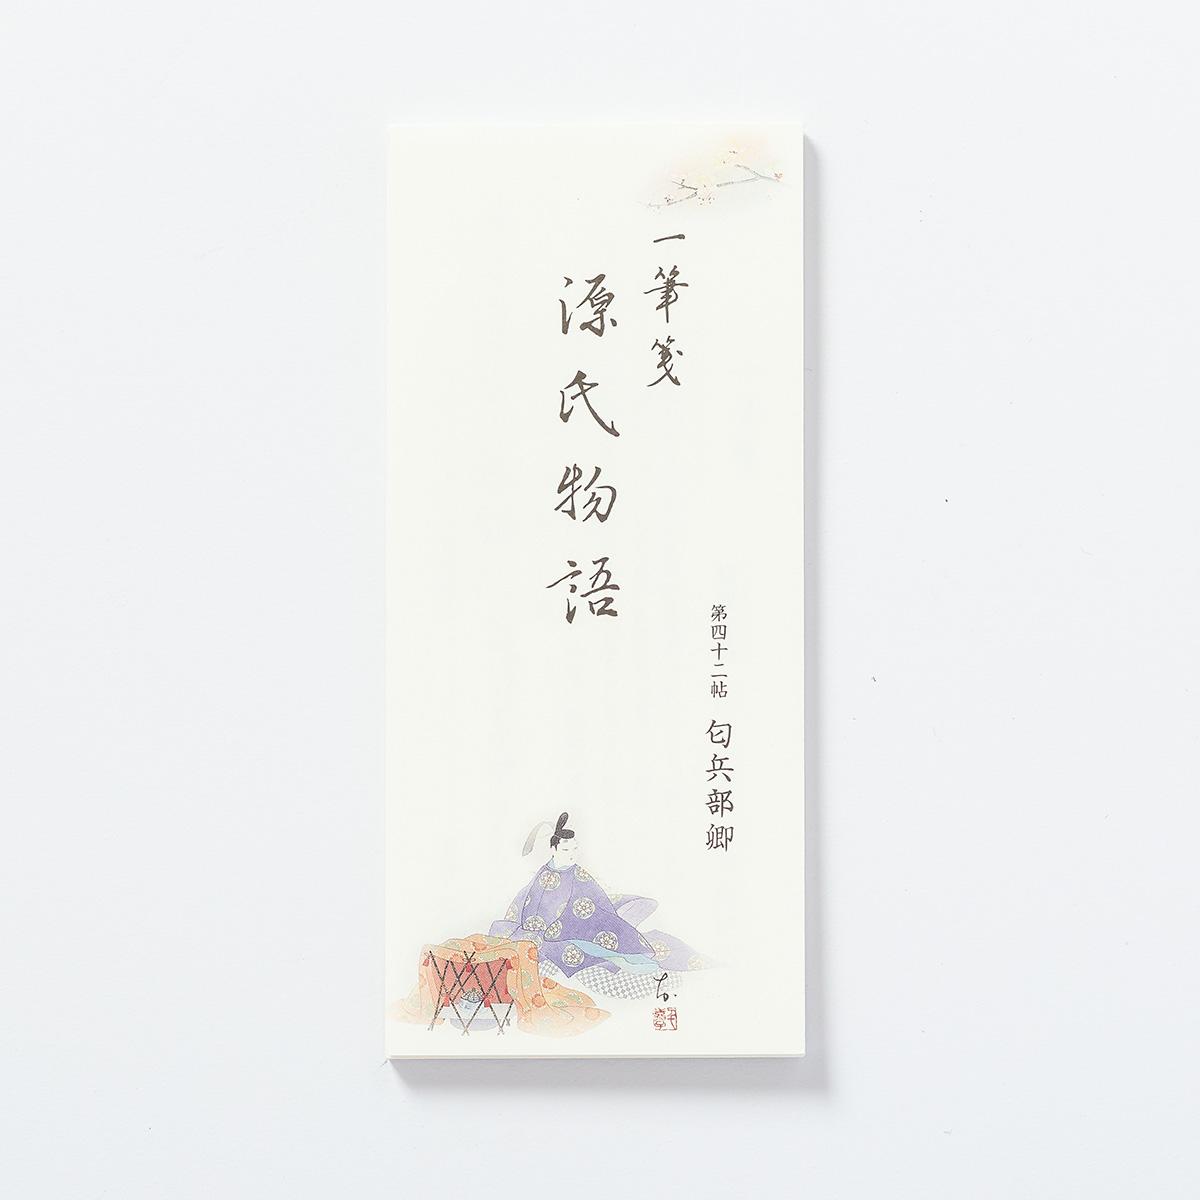 源氏物語一筆箋 第42帖「匂兵部卿」